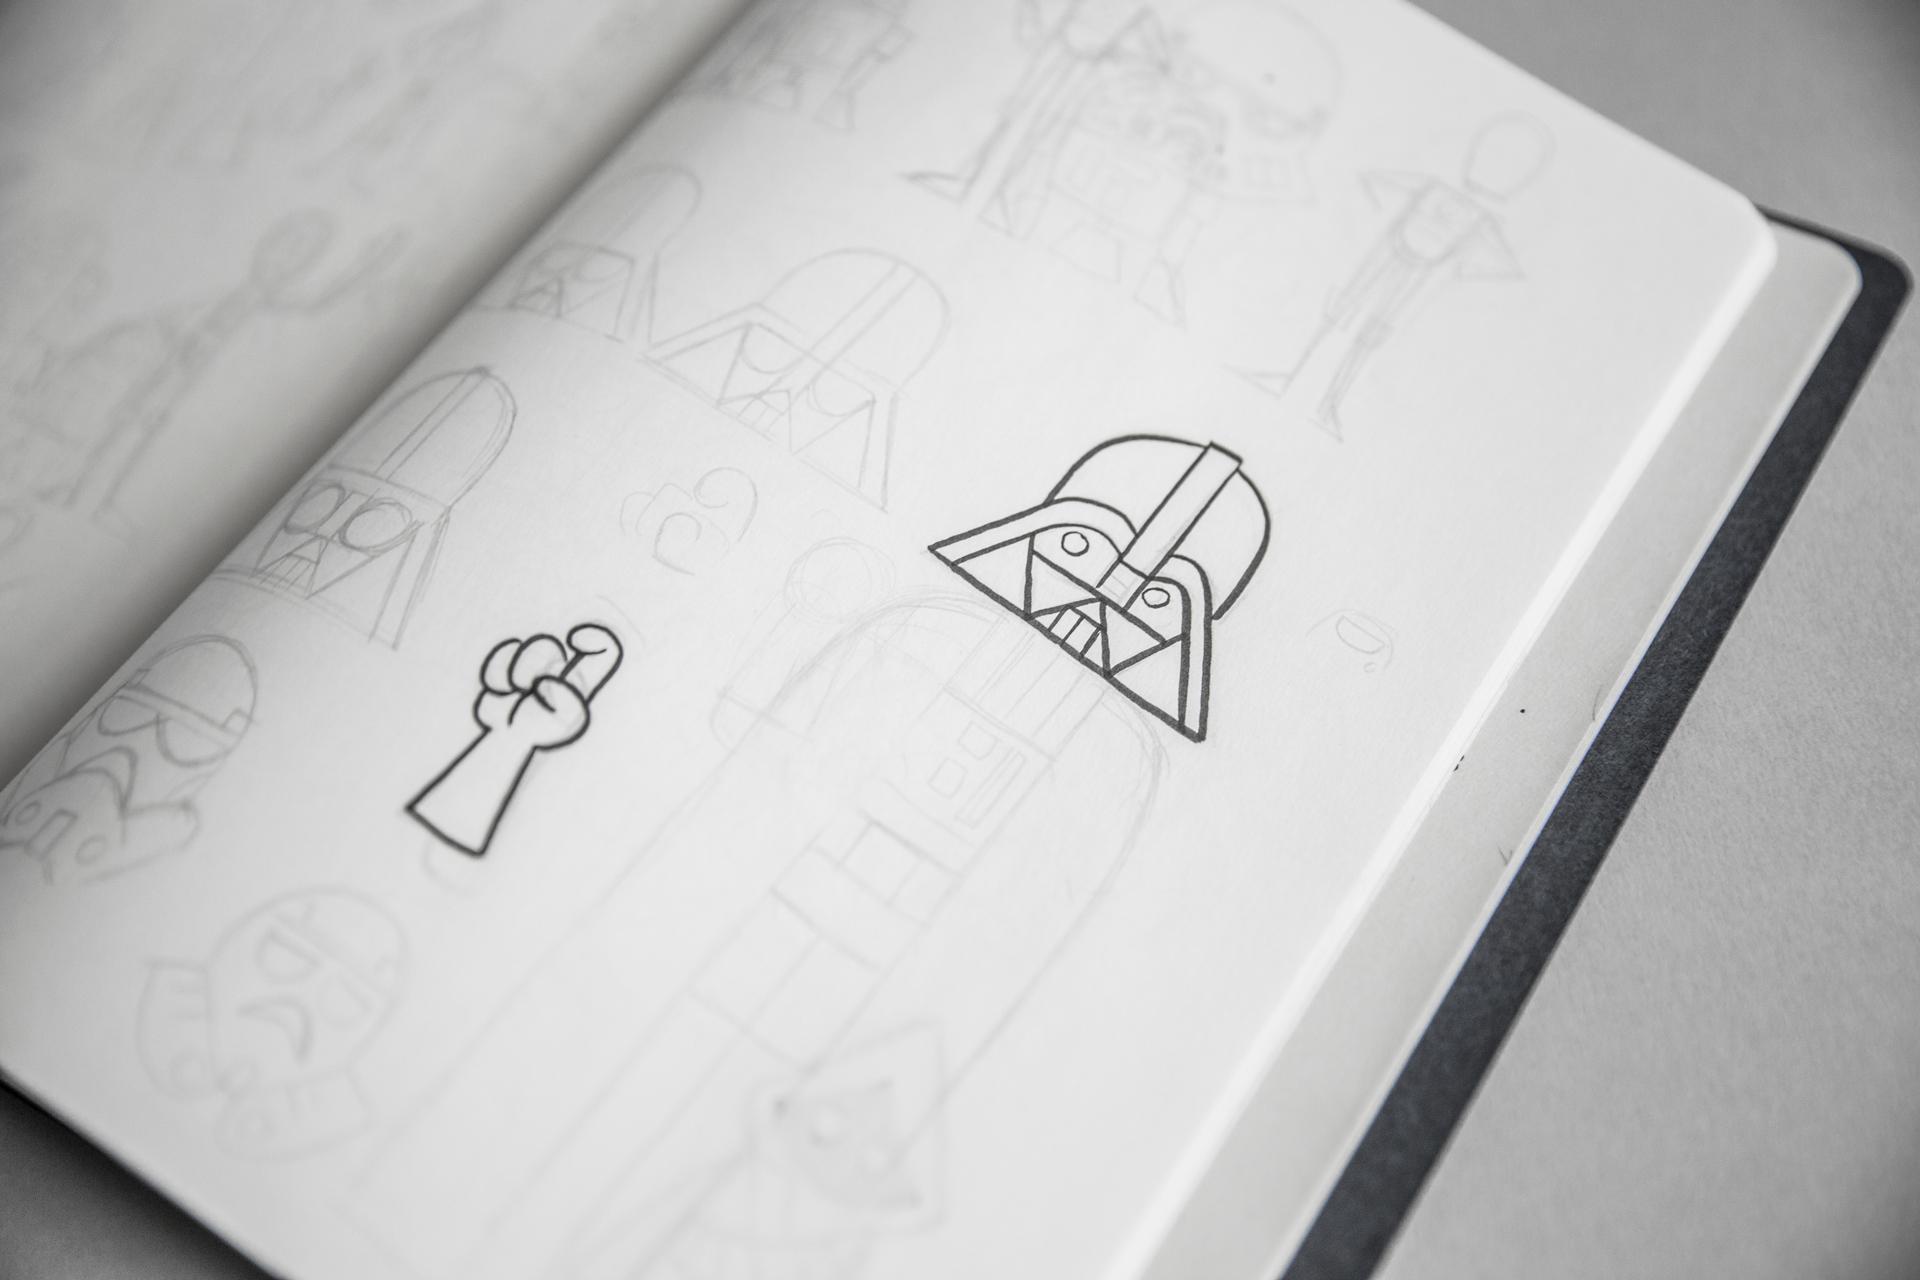 FFA_Sketchbook-02.jpg